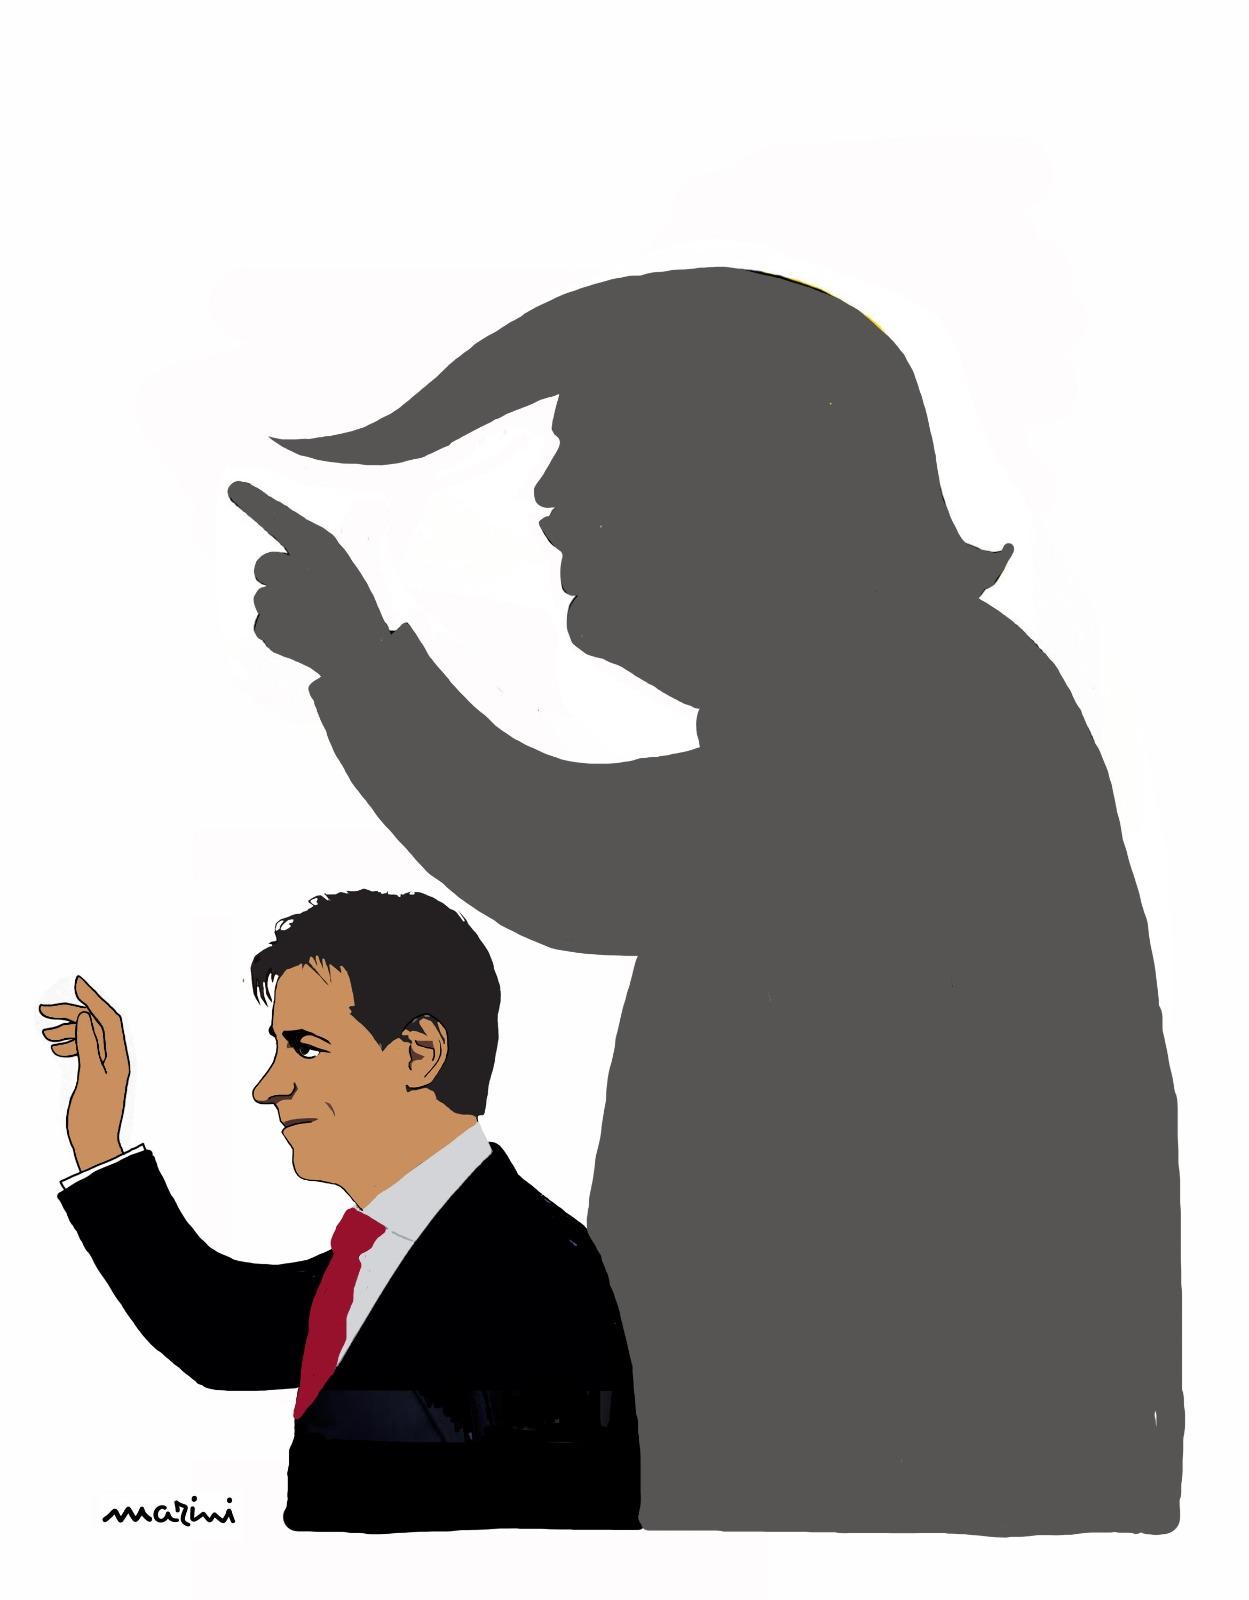 valerio marini elezioni americane